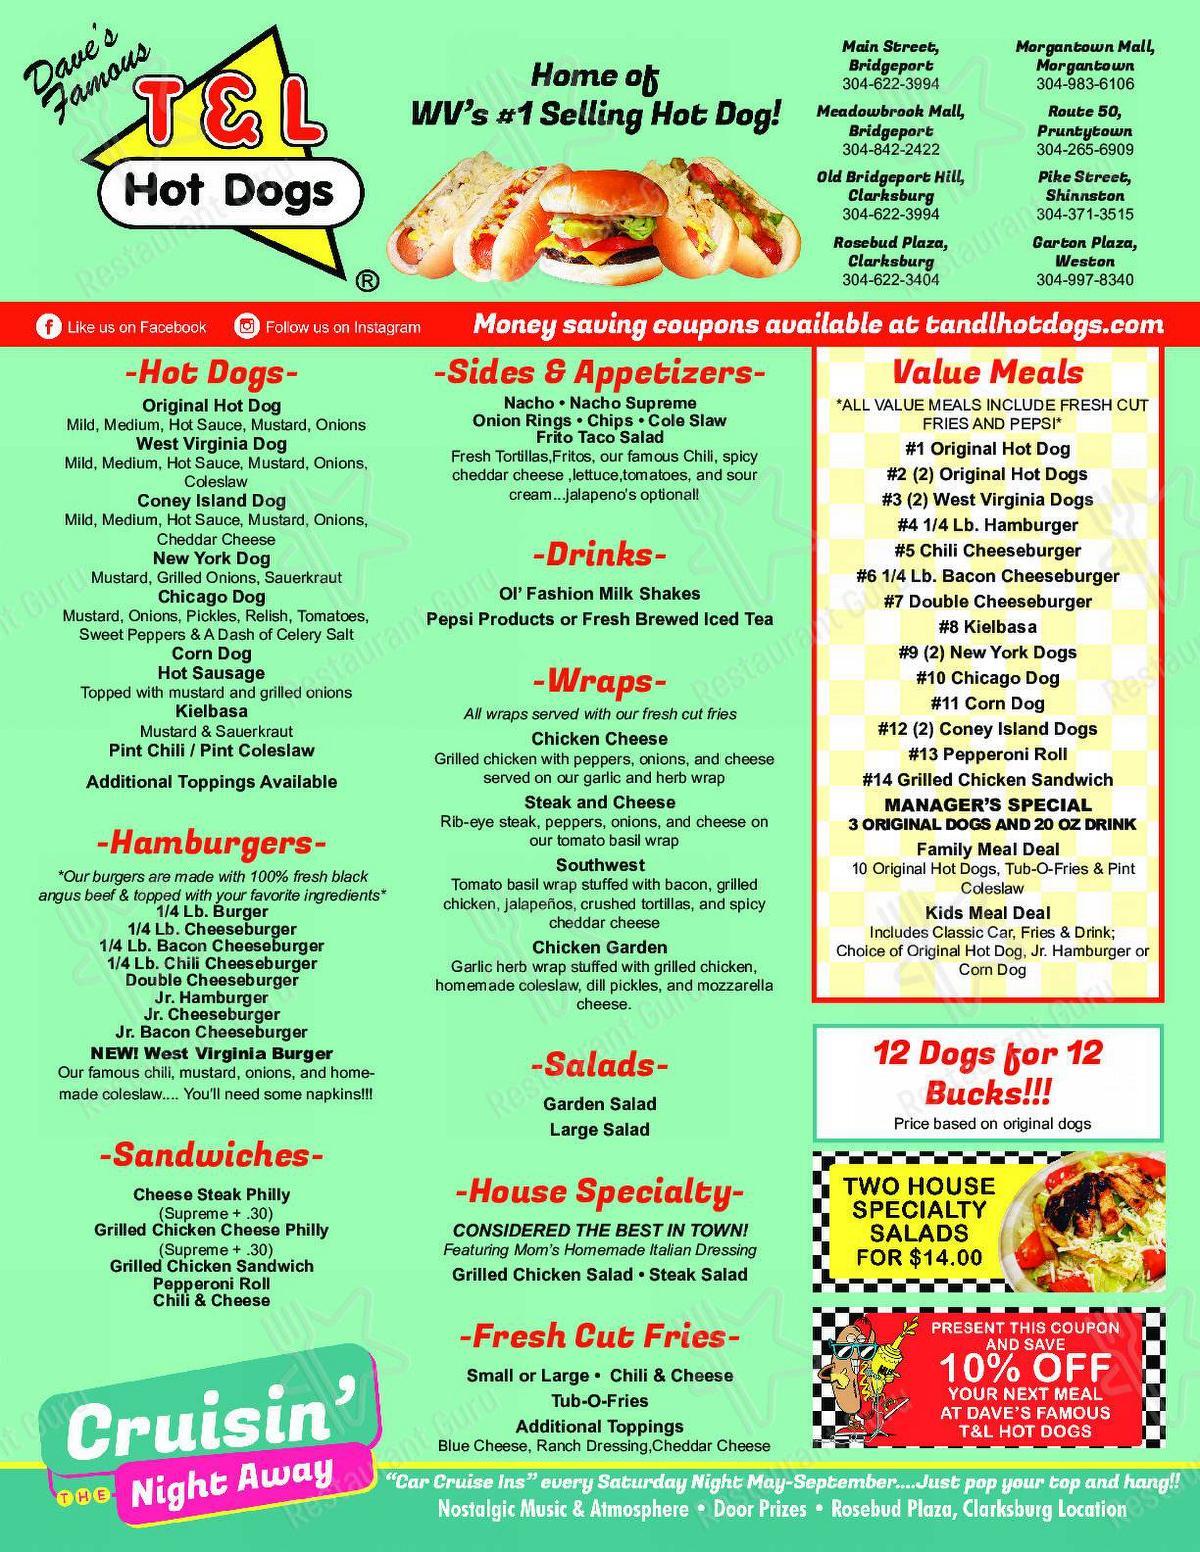 Menu for the T&L Hotdogs fast food